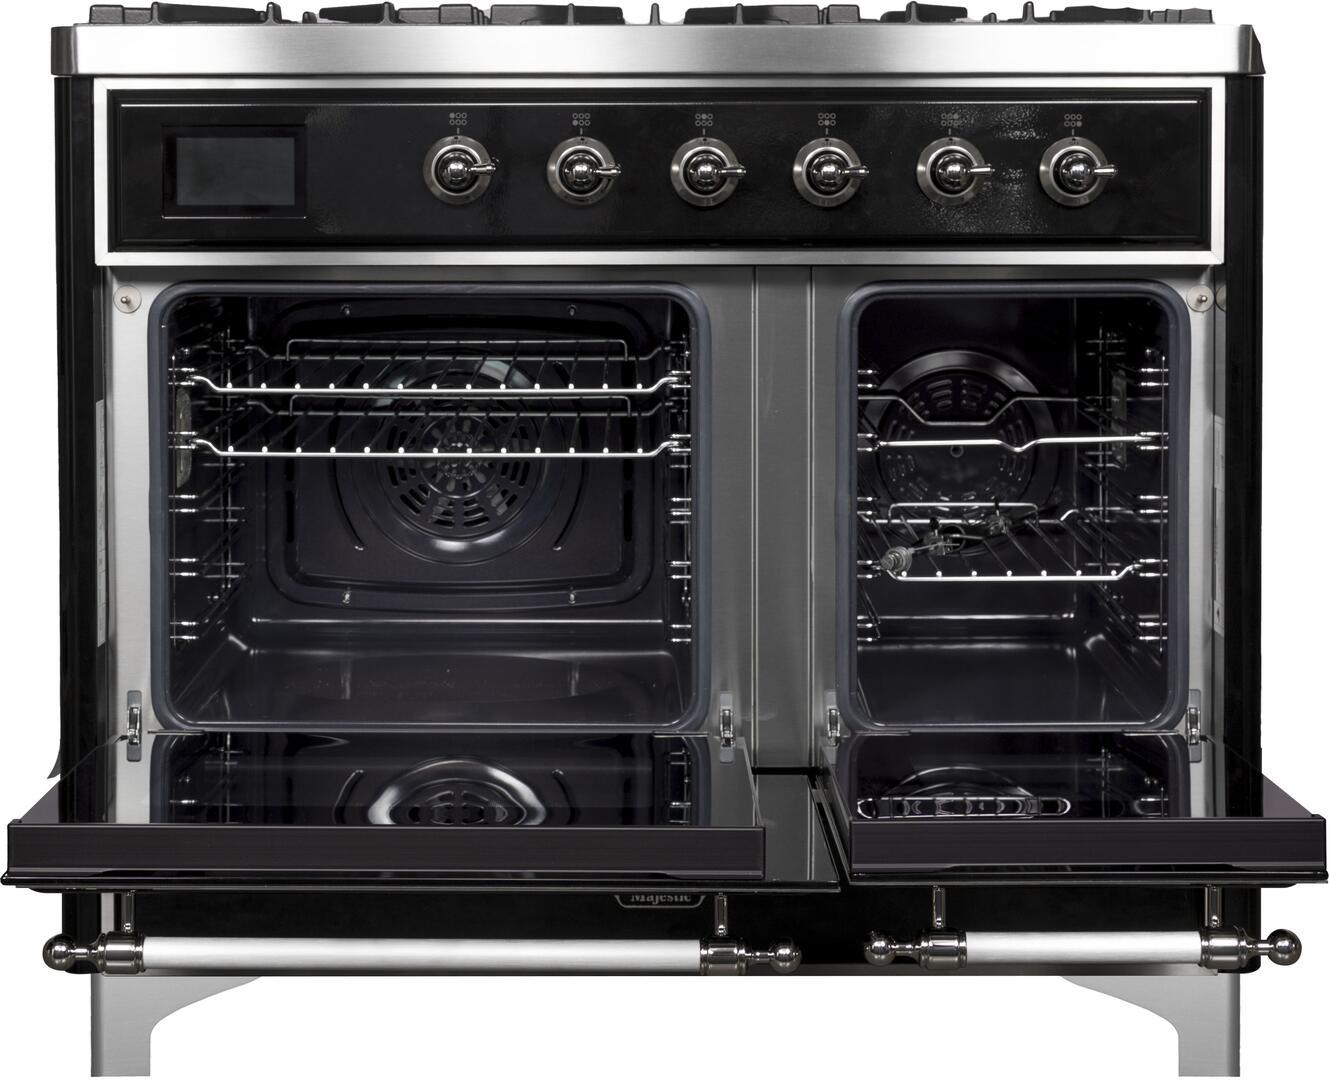 Ilve Majestic II UMD10FDNS3BKCLP Freestanding Dual Fuel Range Black, UMD10FDNS3BKC Oven Doors Opened